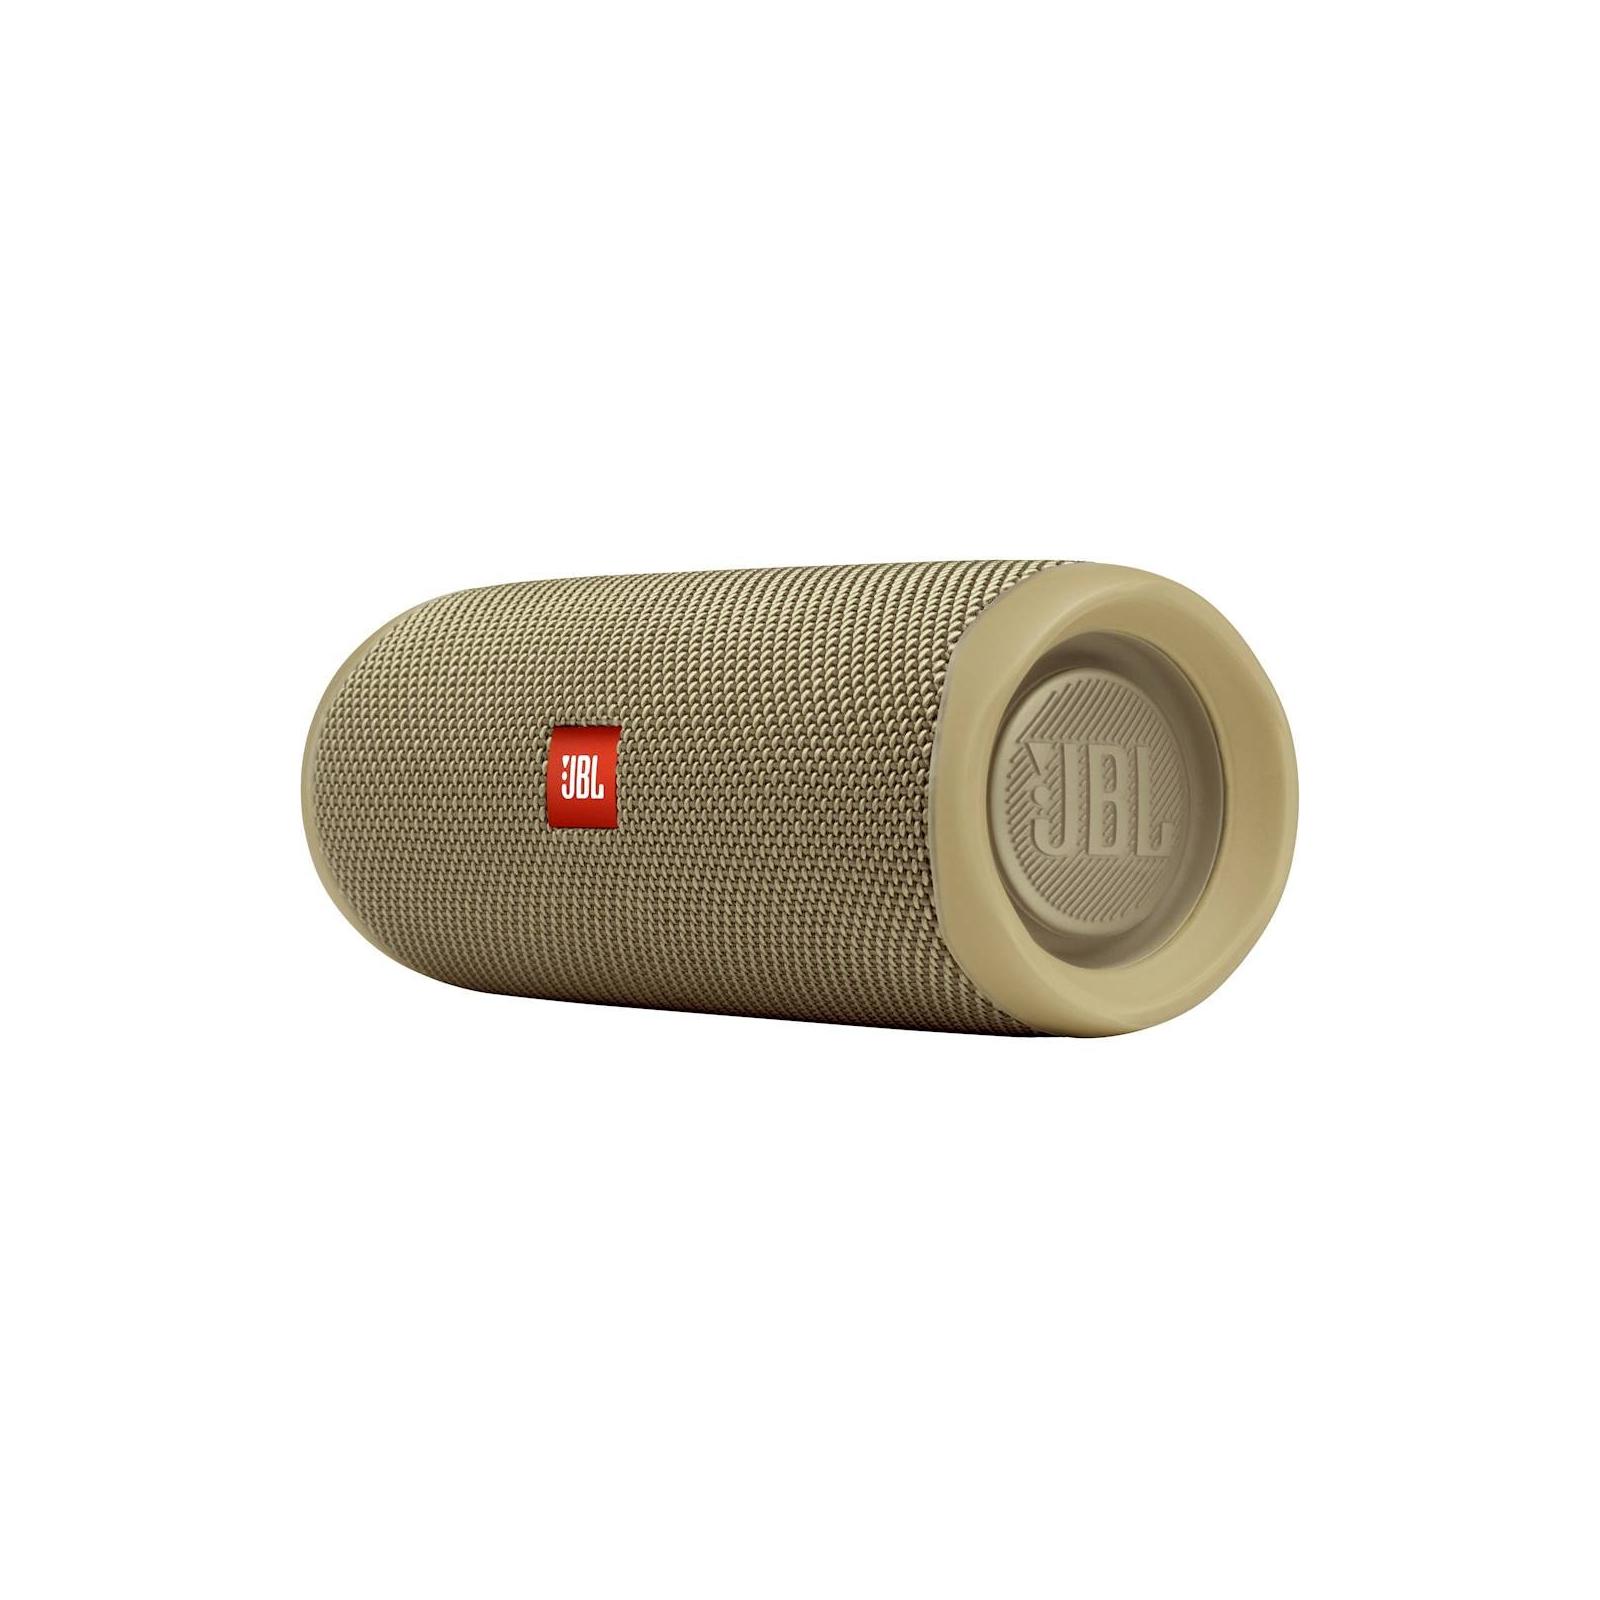 Акустическая система JBL Flip 5 Sand (JBLFLIP5SAND) изображение 2